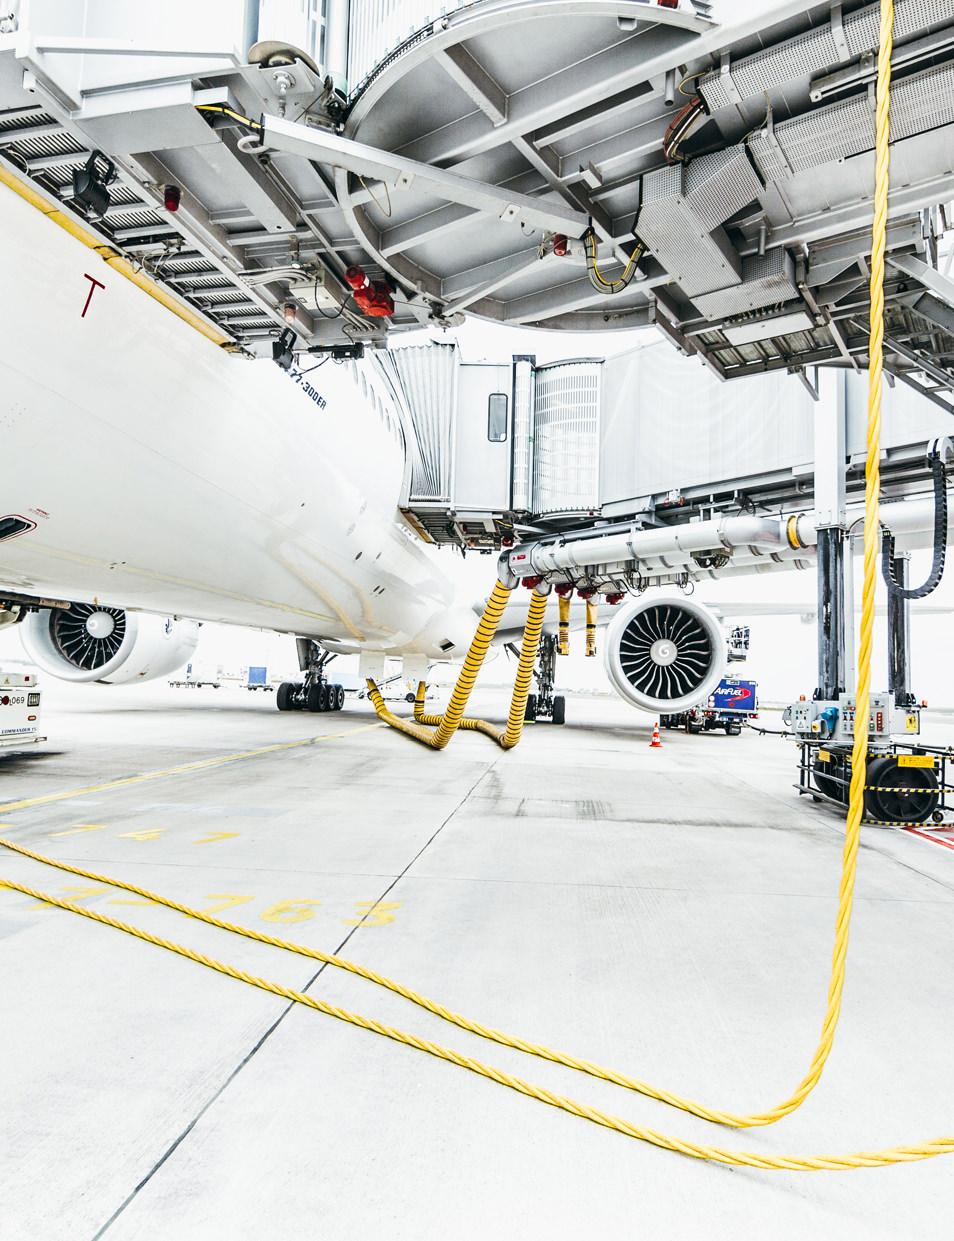 Sous un Boeing 777 - Hub Air France aéroport CDG